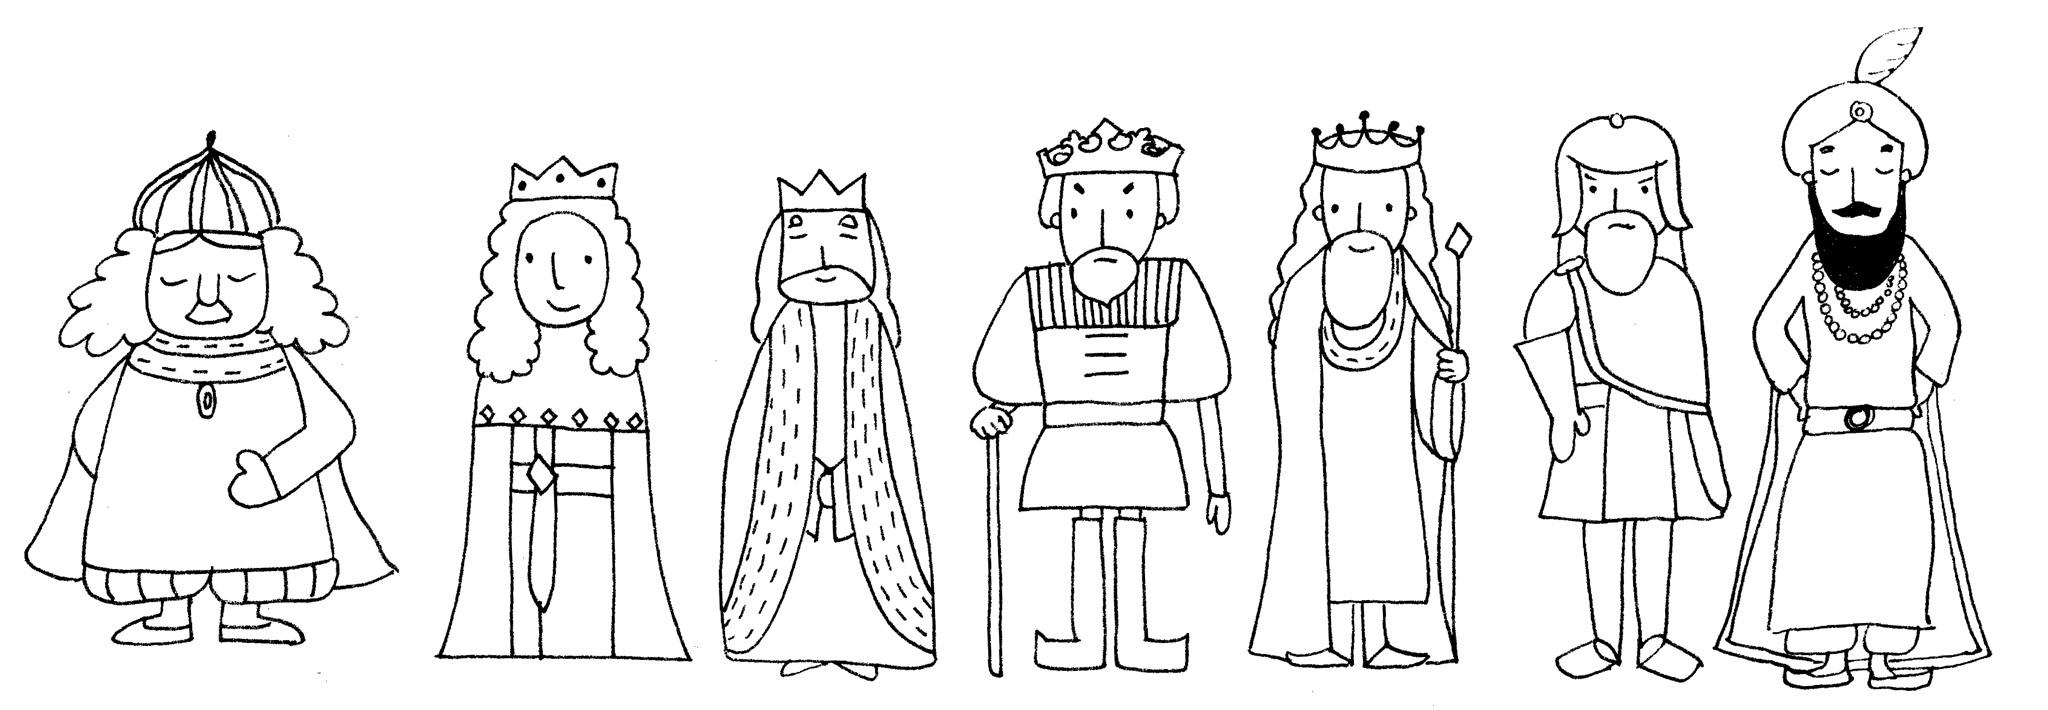 Könige-zeichnen